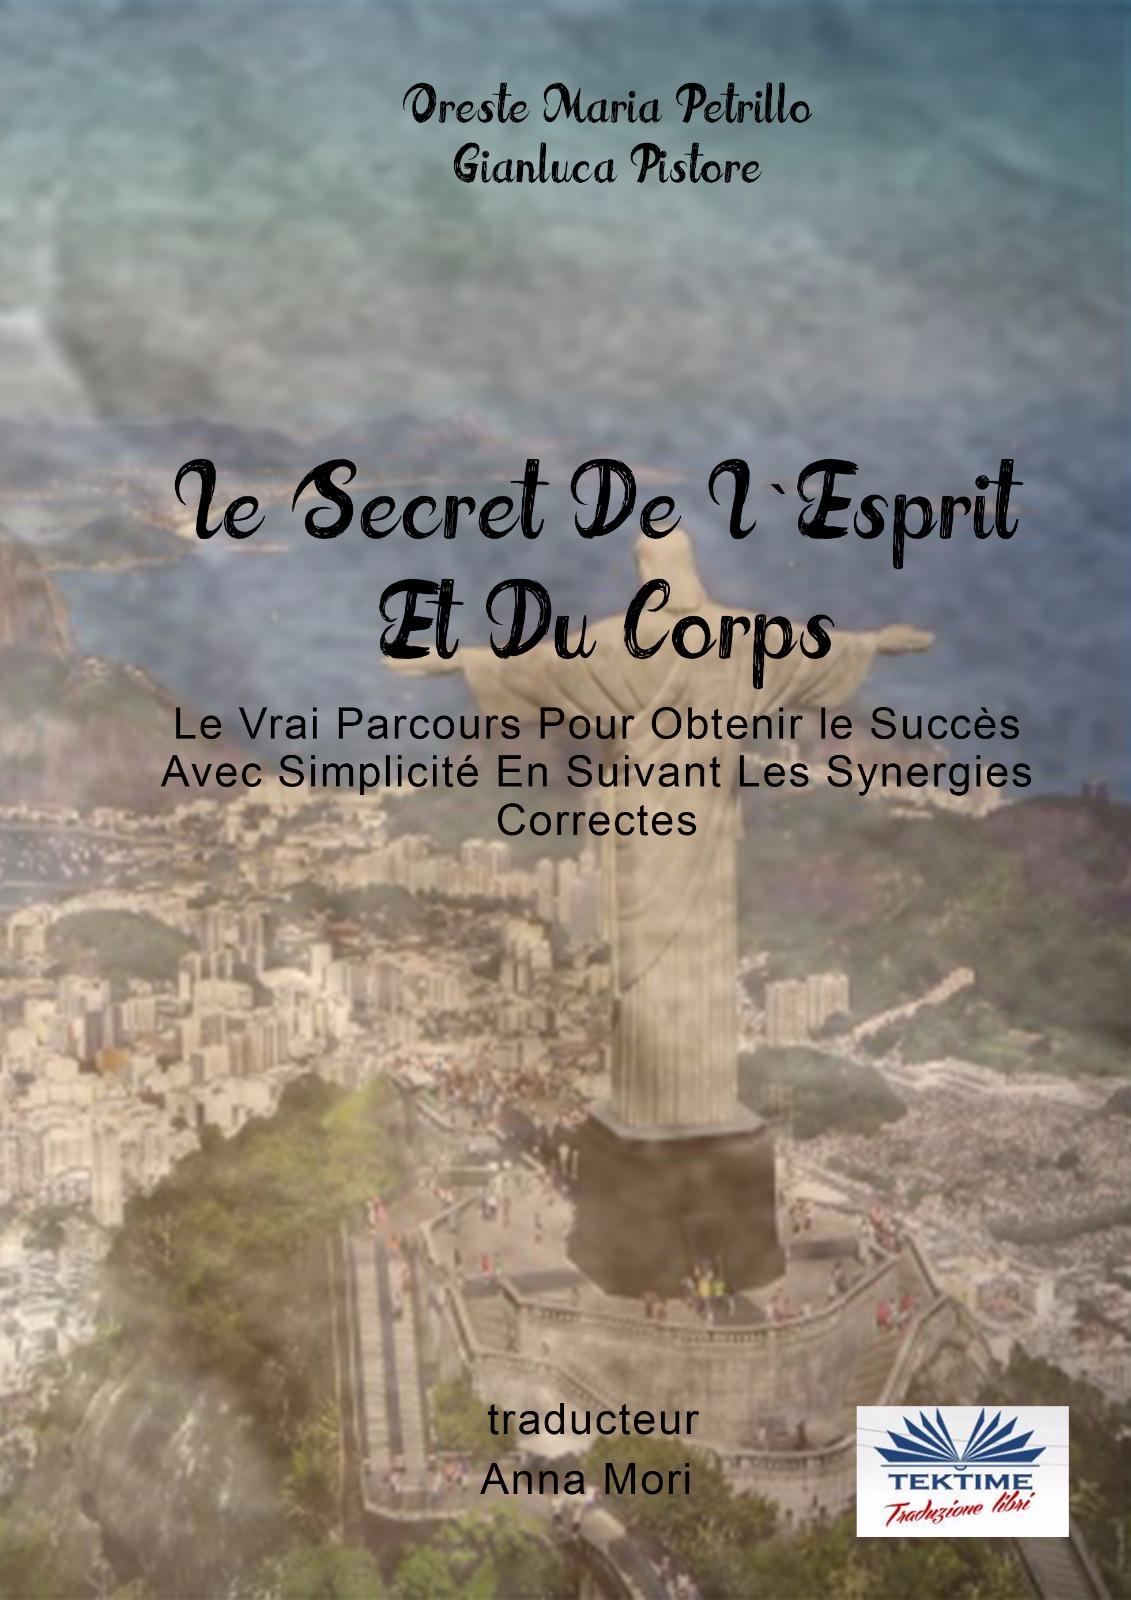 Le Secret De L'Esprit Et Du Corps